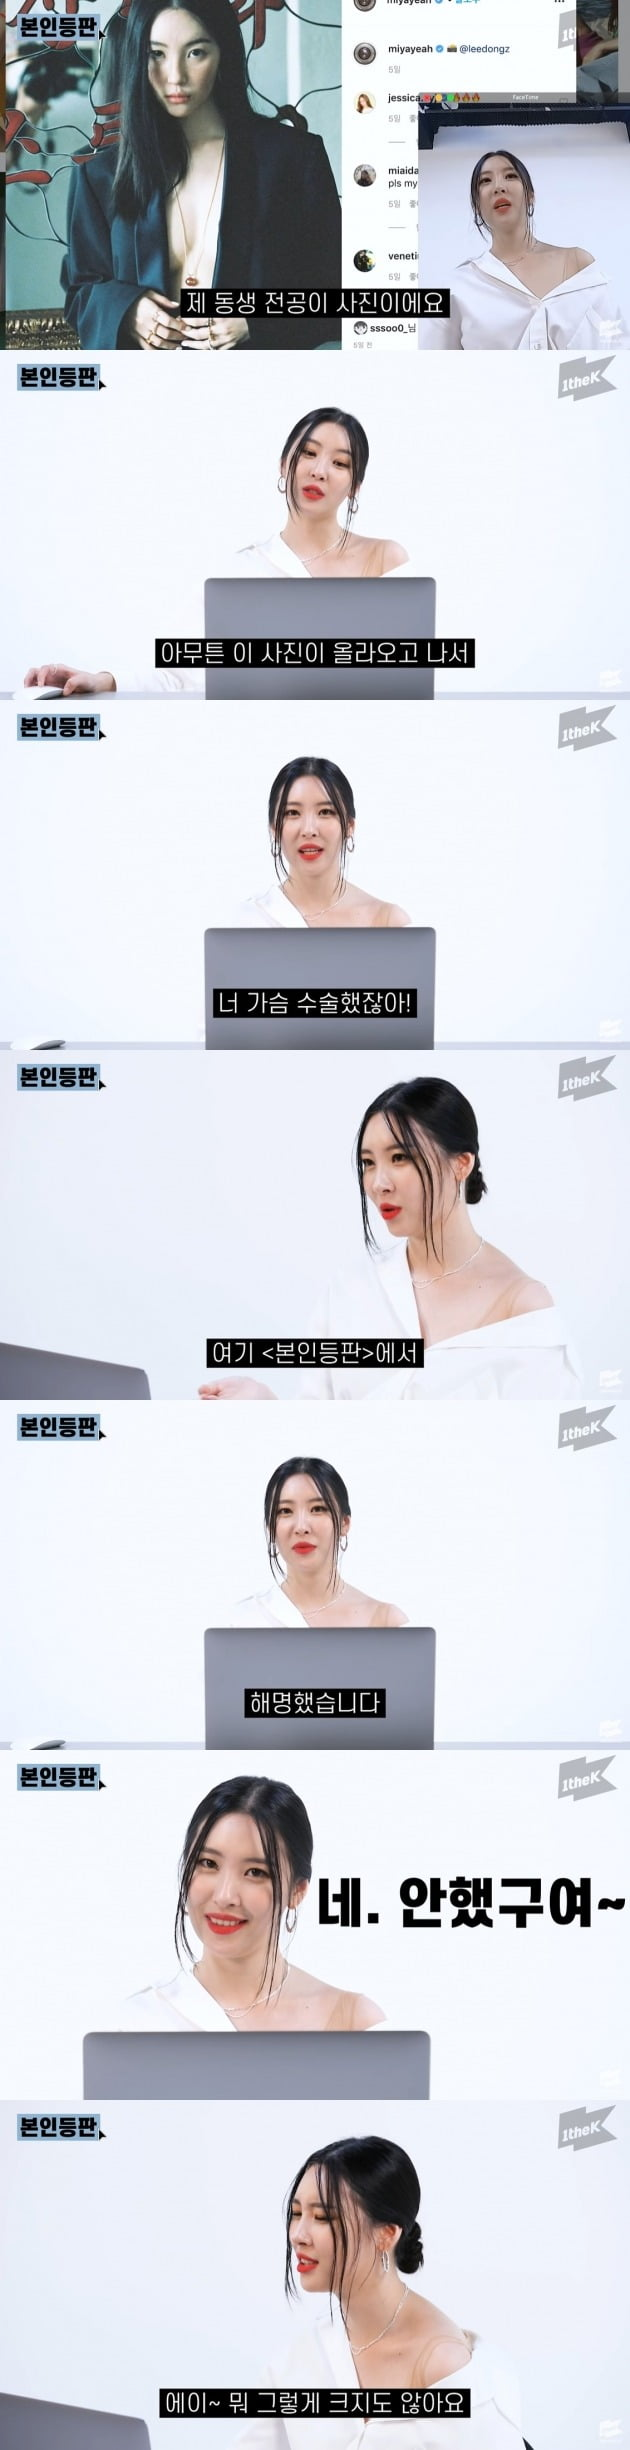 '본인등판'에 출연한 가수 선미/ 사진=원더케이 오리지날 유튜브 캡처